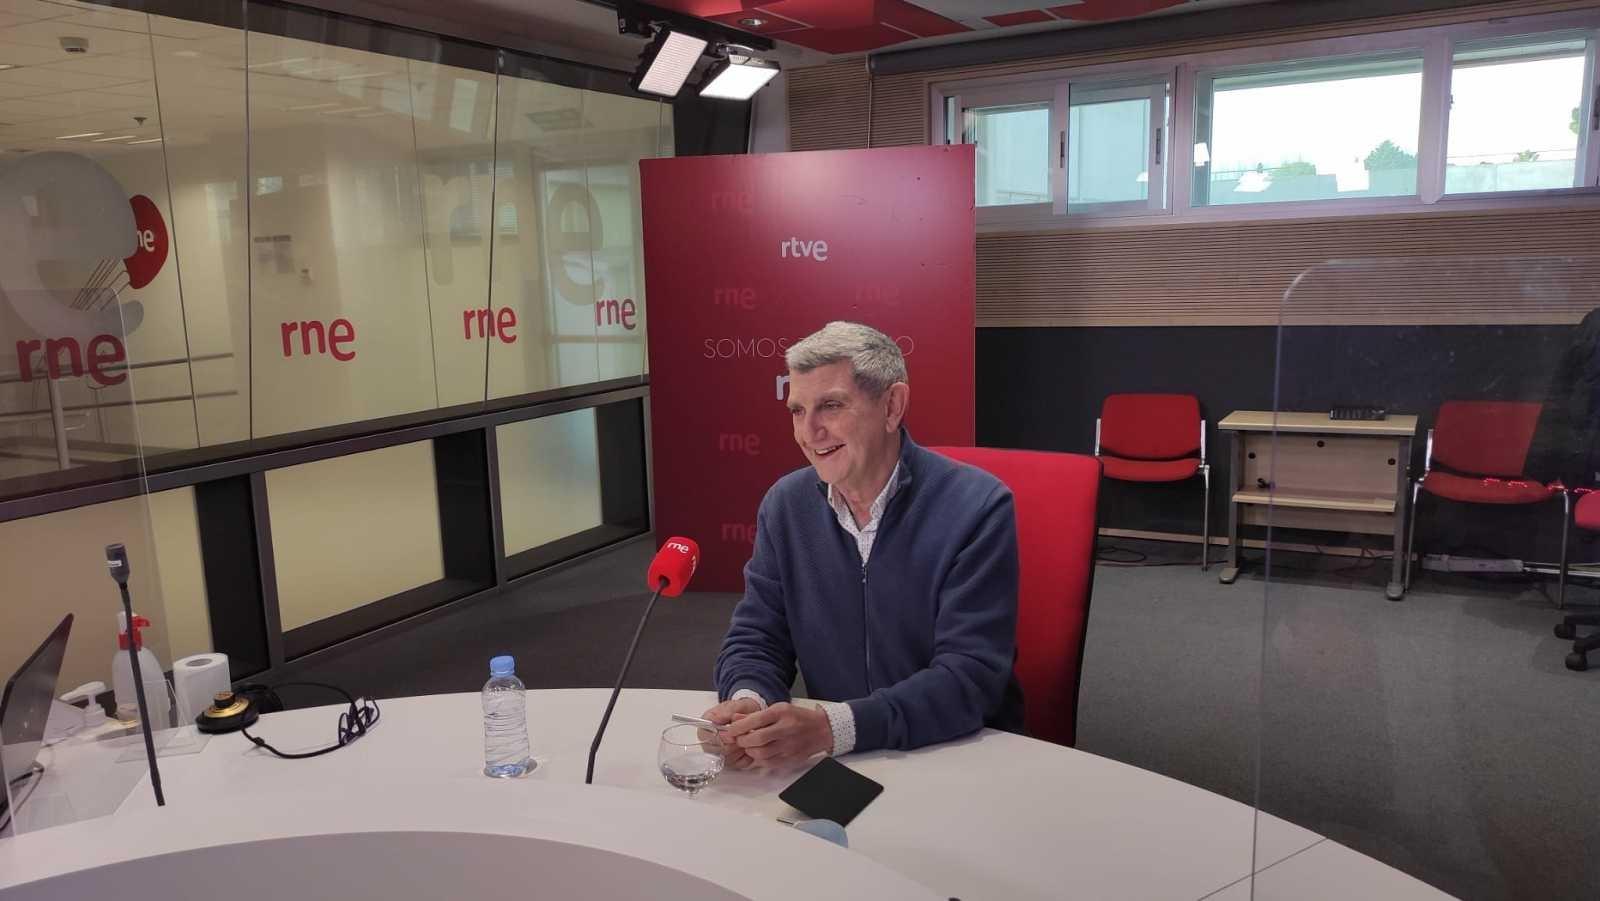 El presidente del consejo de administración de RTVE, José Manuel Pérez Tornero, en una entrevista en RNE el 29 de marzo de 2021 | RTVE/Archivo